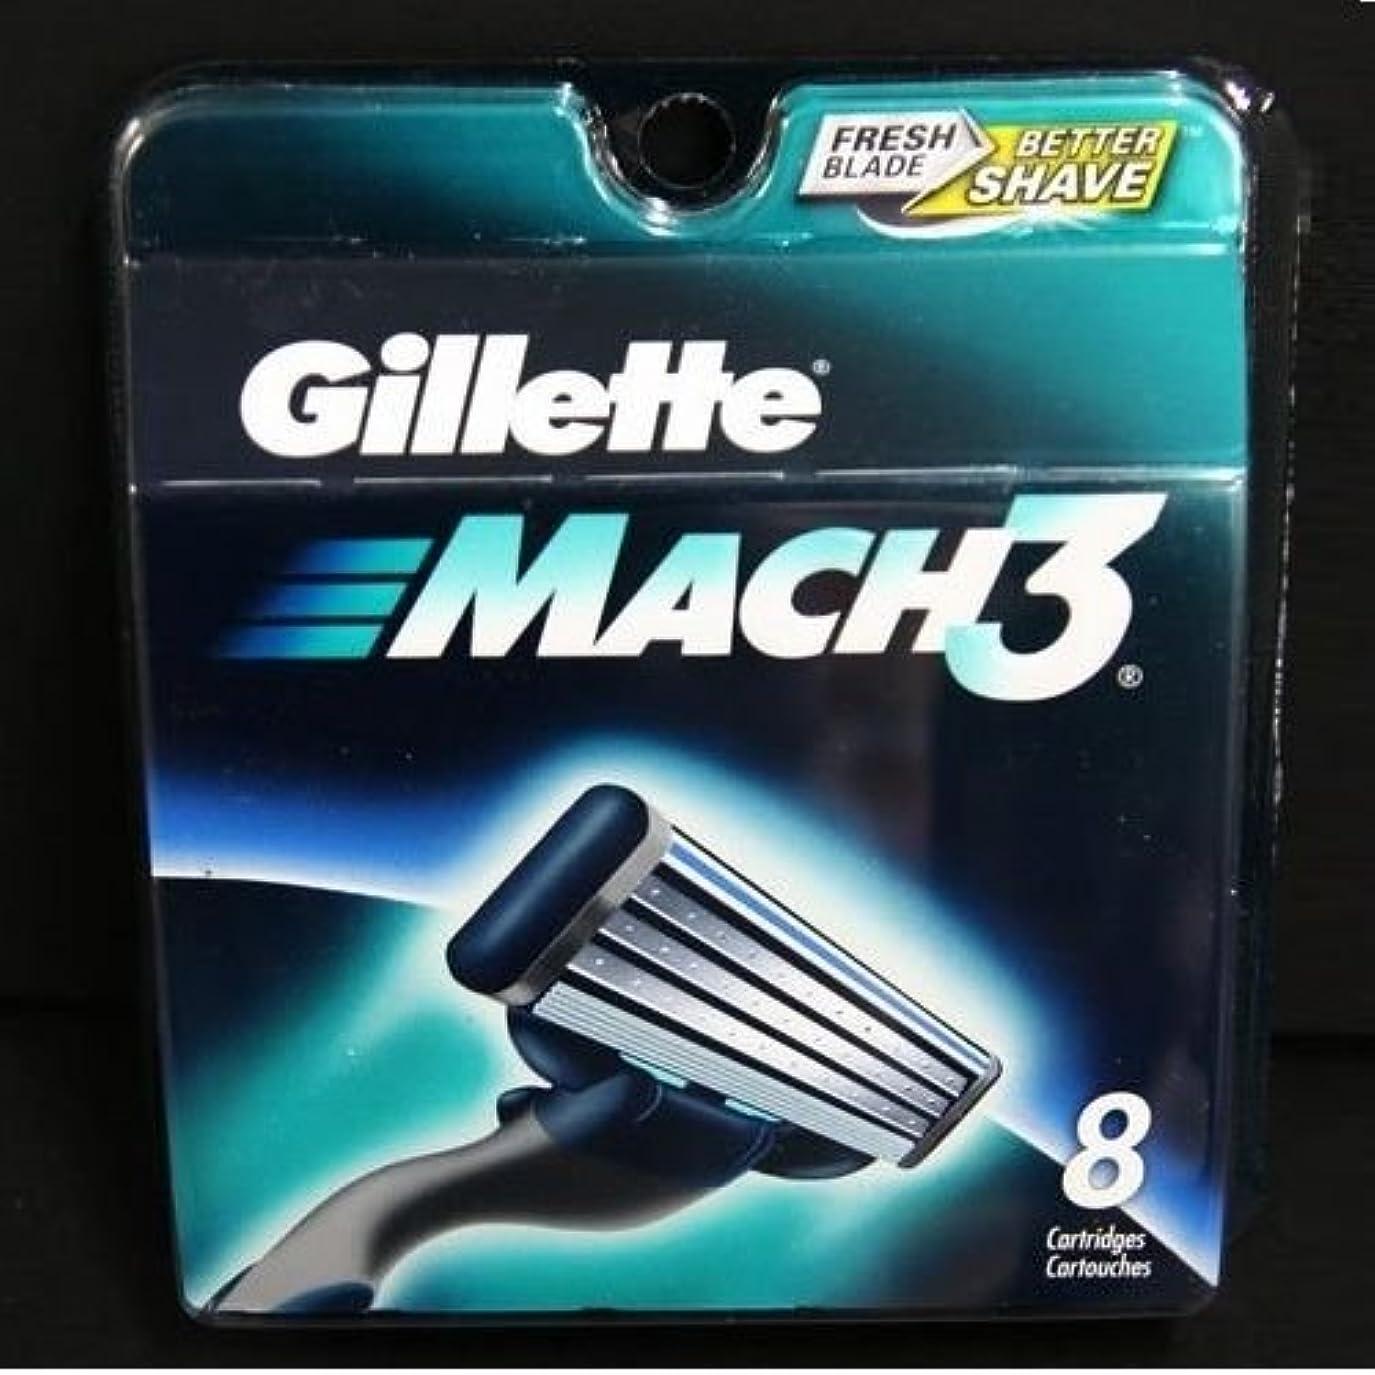 補償四面体インターネットGillette MACH3 SHAVING RAZOR カートリッジブレード 8 Pack [並行輸入品]